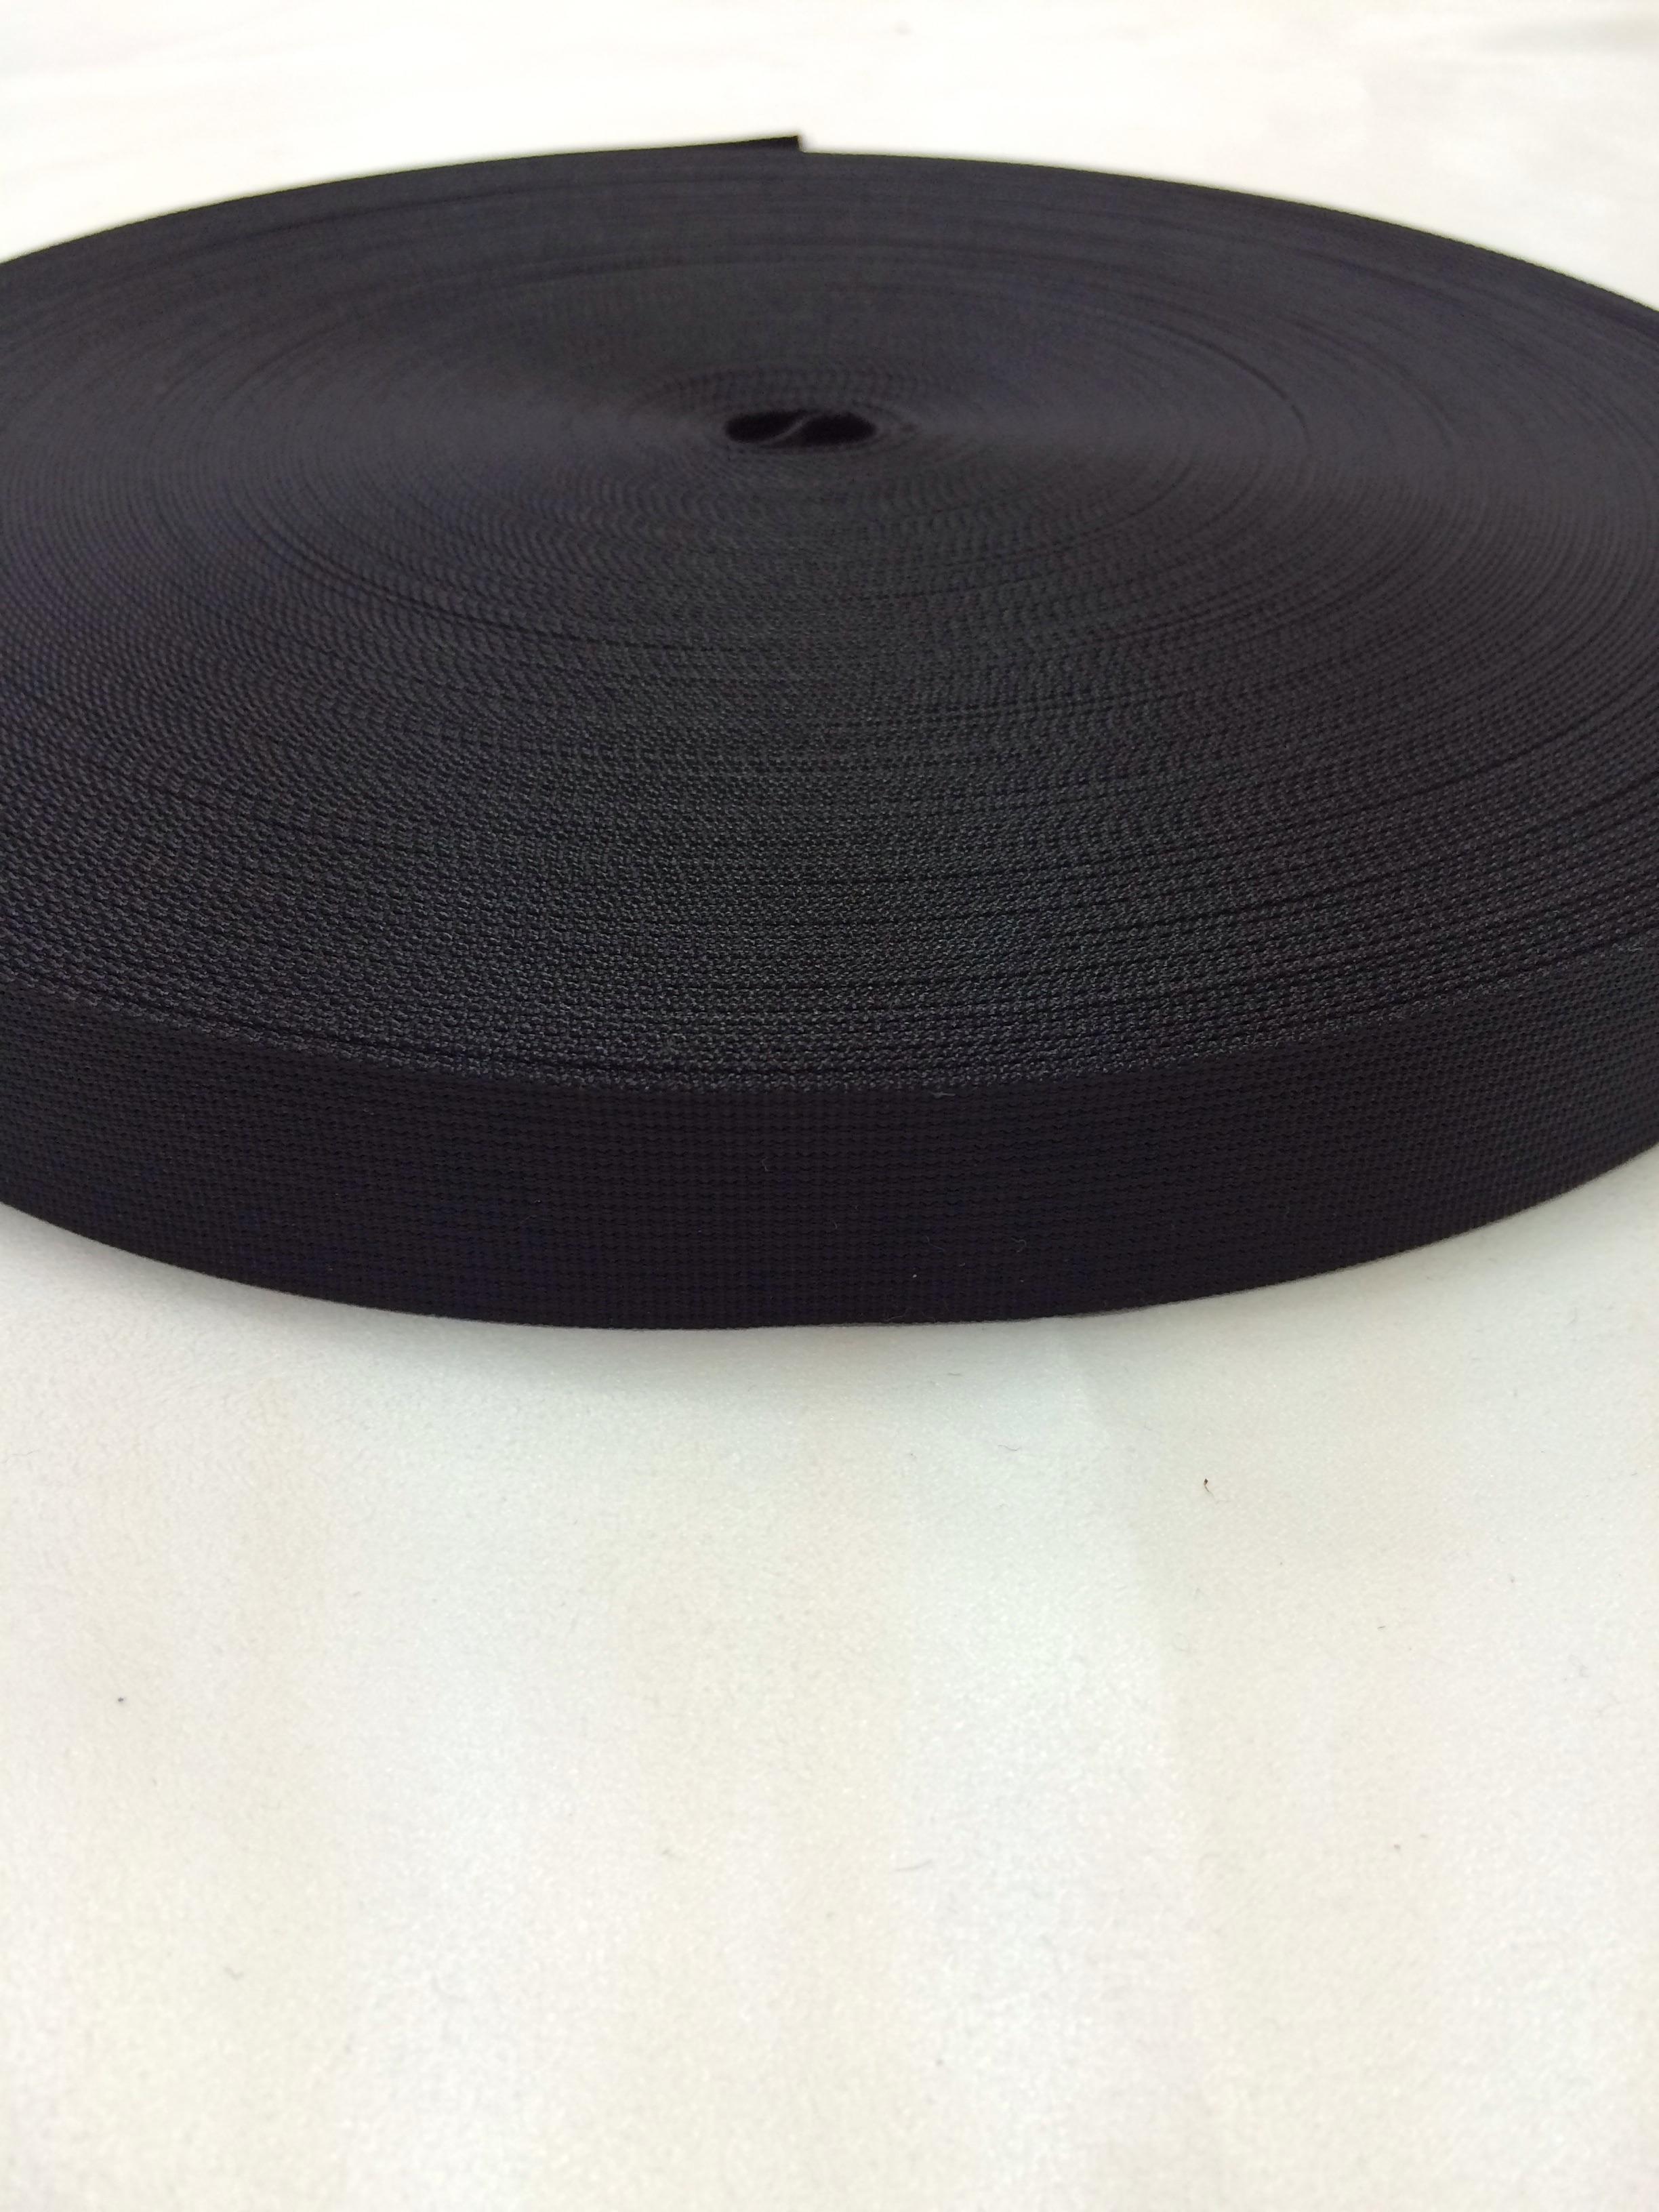 リュックのヒモやザックのヒモに最適な ナイロン ベルト 高密度 25mm幅 1mm厚 黒 50m巻1反